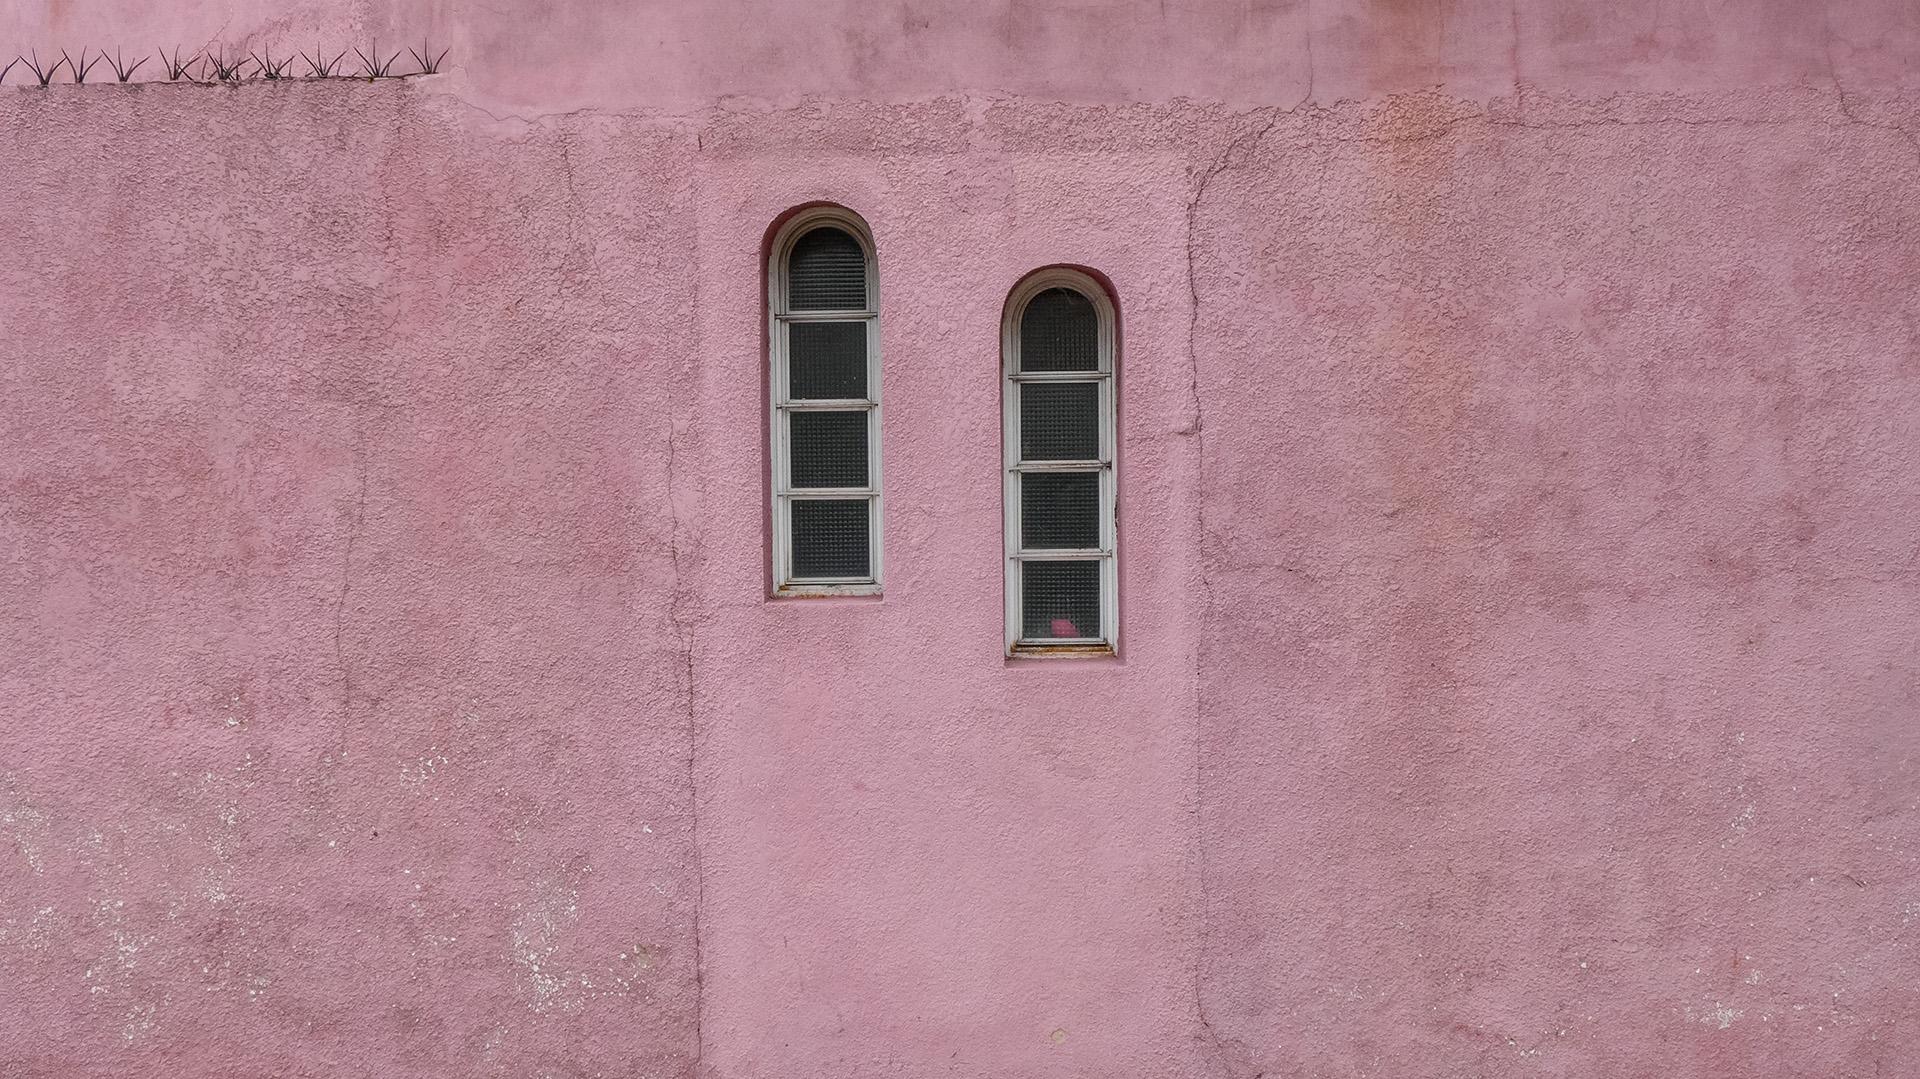 Ochava rosa con dos ventanas (BA, 2017)